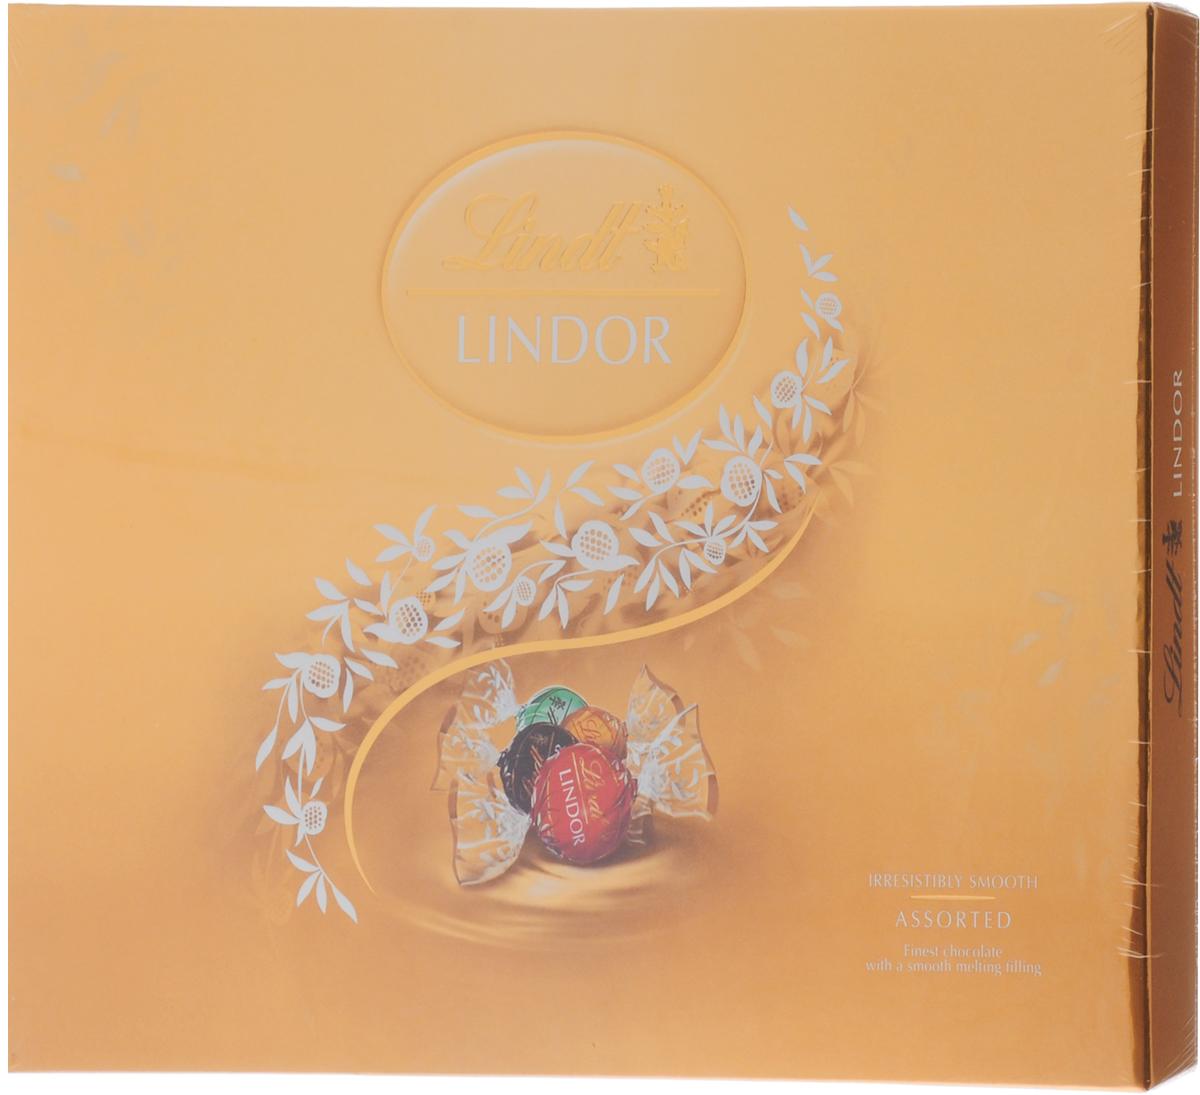 Lindt Lindor Ассорти шоколадные конфеты, 210 г (золотая коробка) конфеты lindor цена